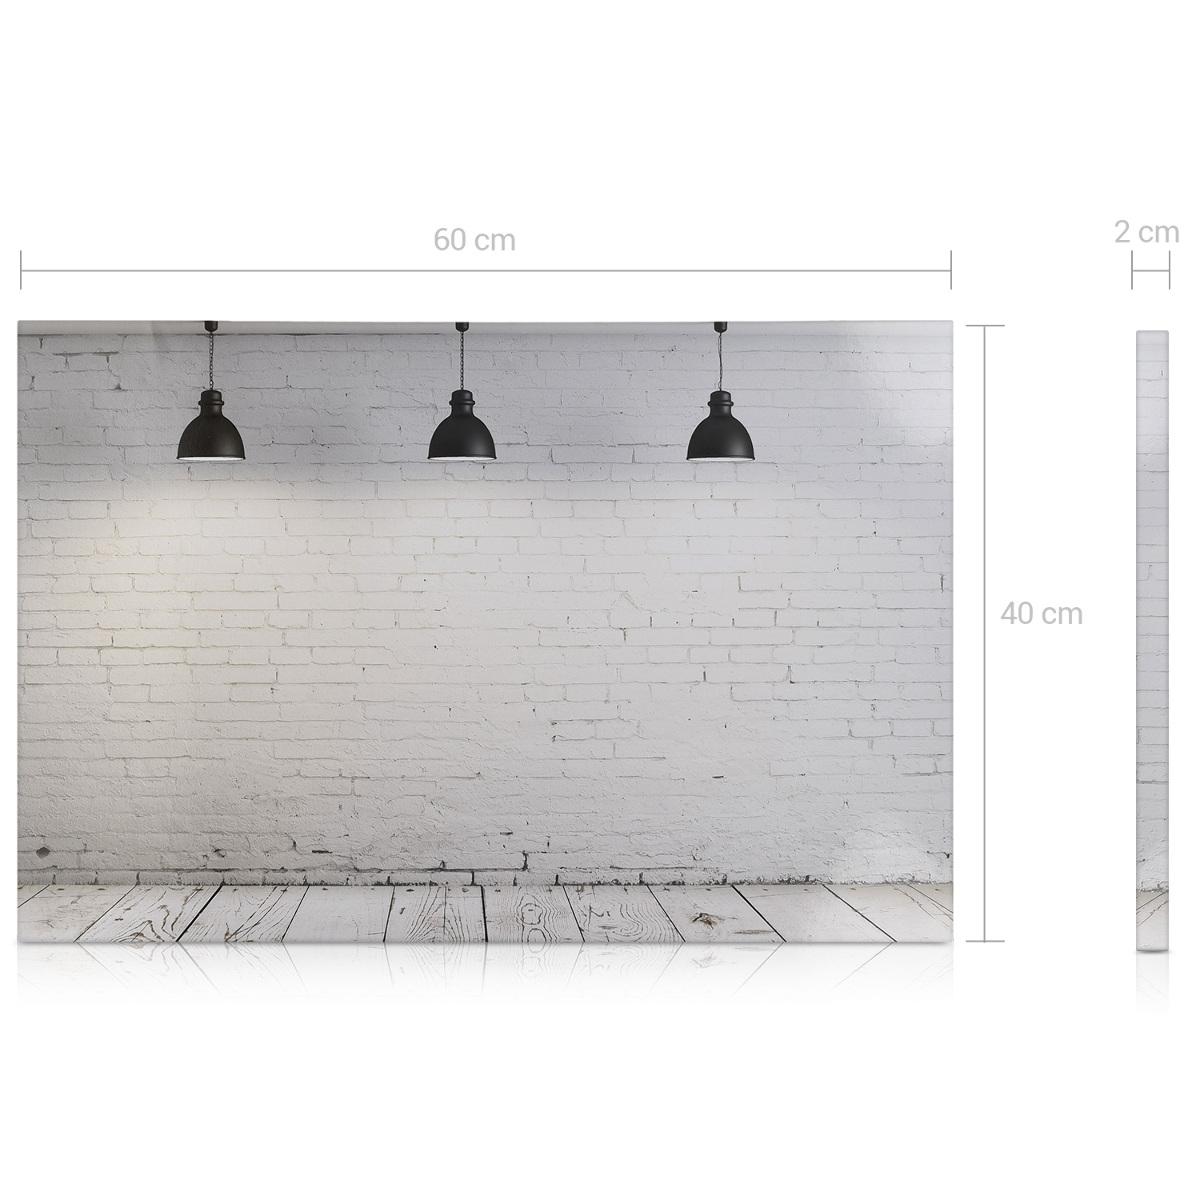 magnetpinnwand memoboard 60x40cm industrial design. Black Bedroom Furniture Sets. Home Design Ideas